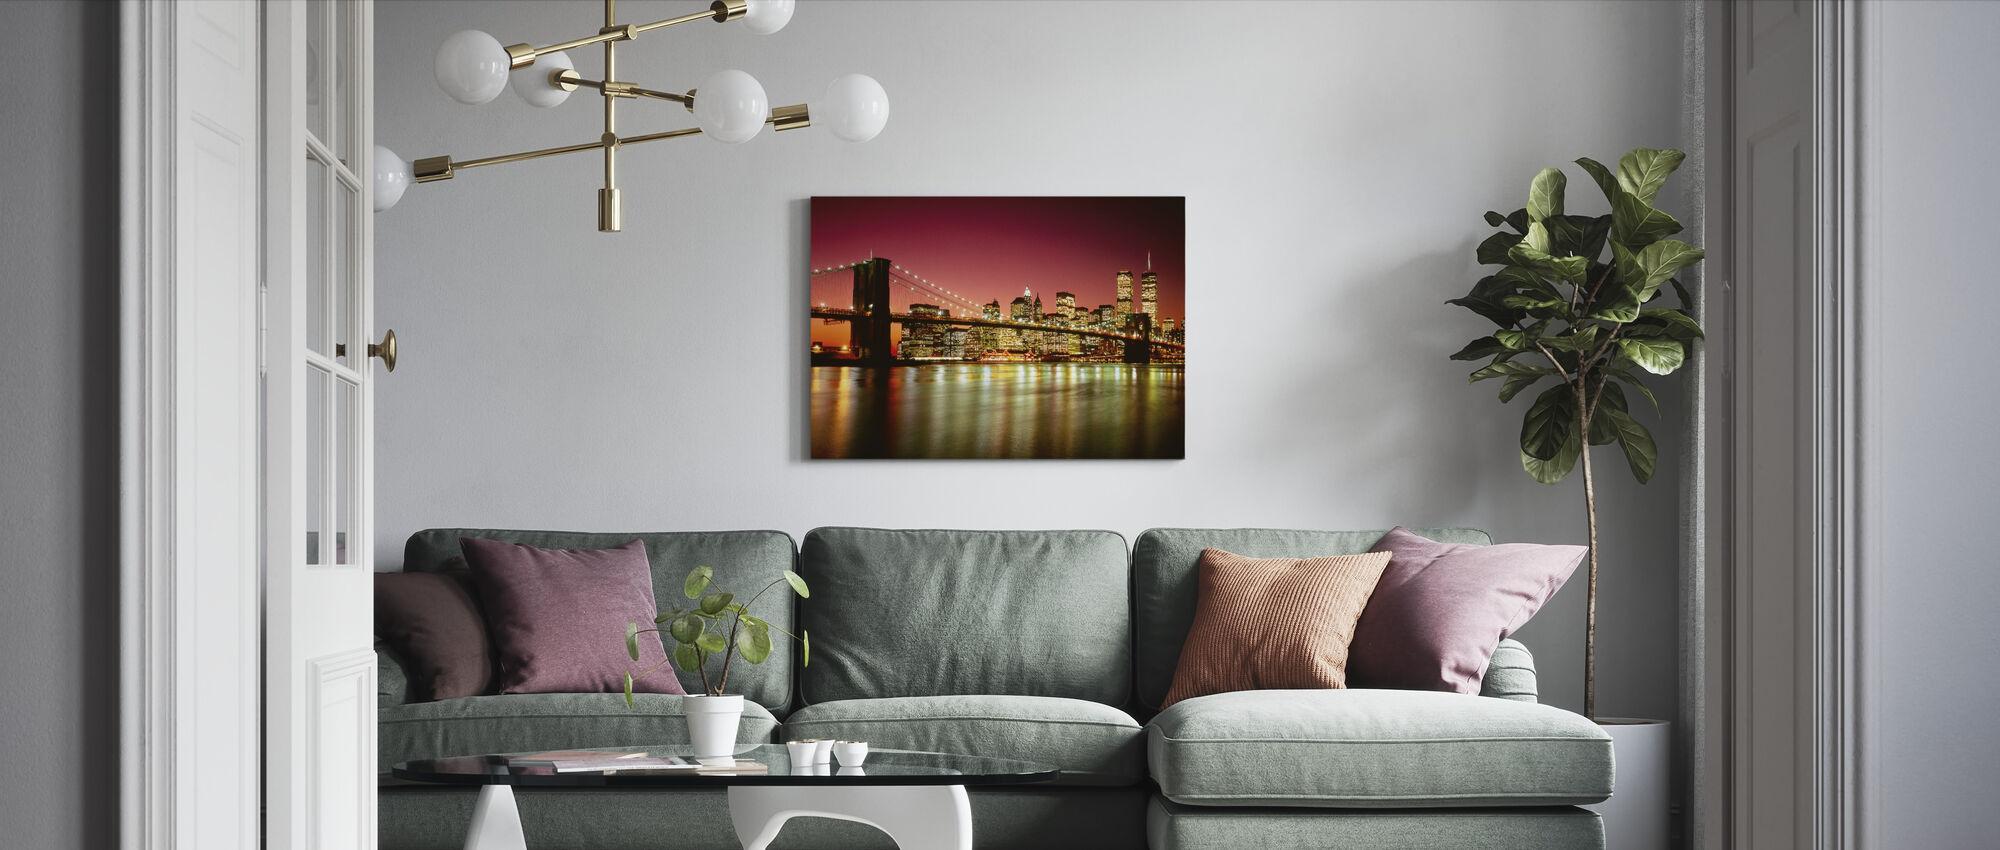 Brooklyn Bridge - Canvas print - Living Room